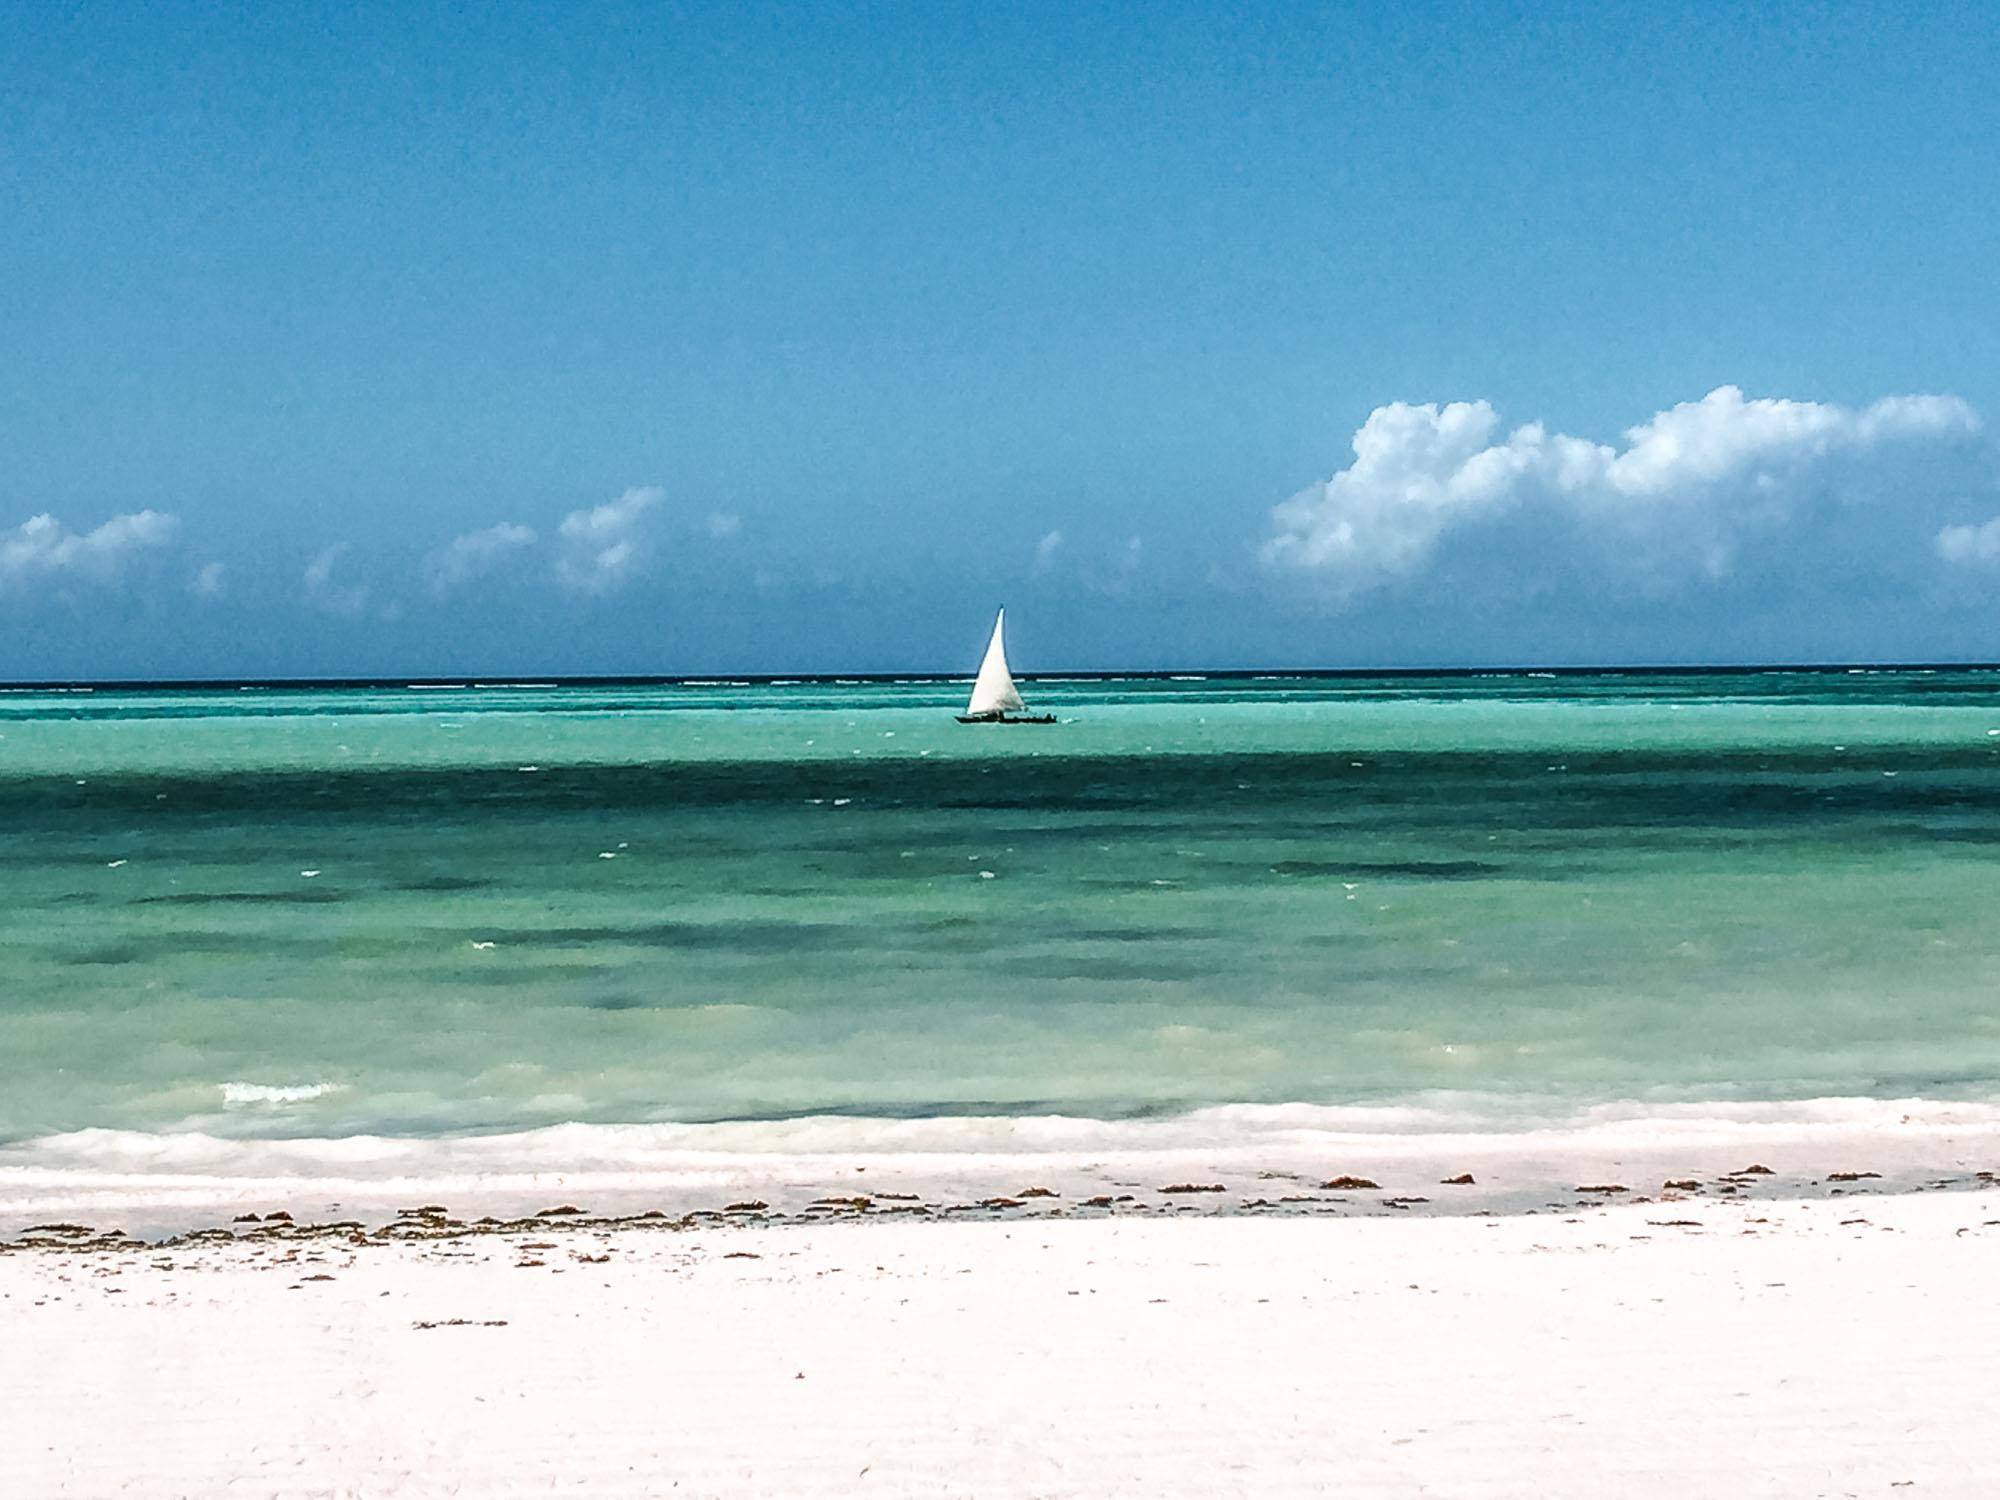 Zanzibar Reise planen - Einreise, Anreise Rundreise planen